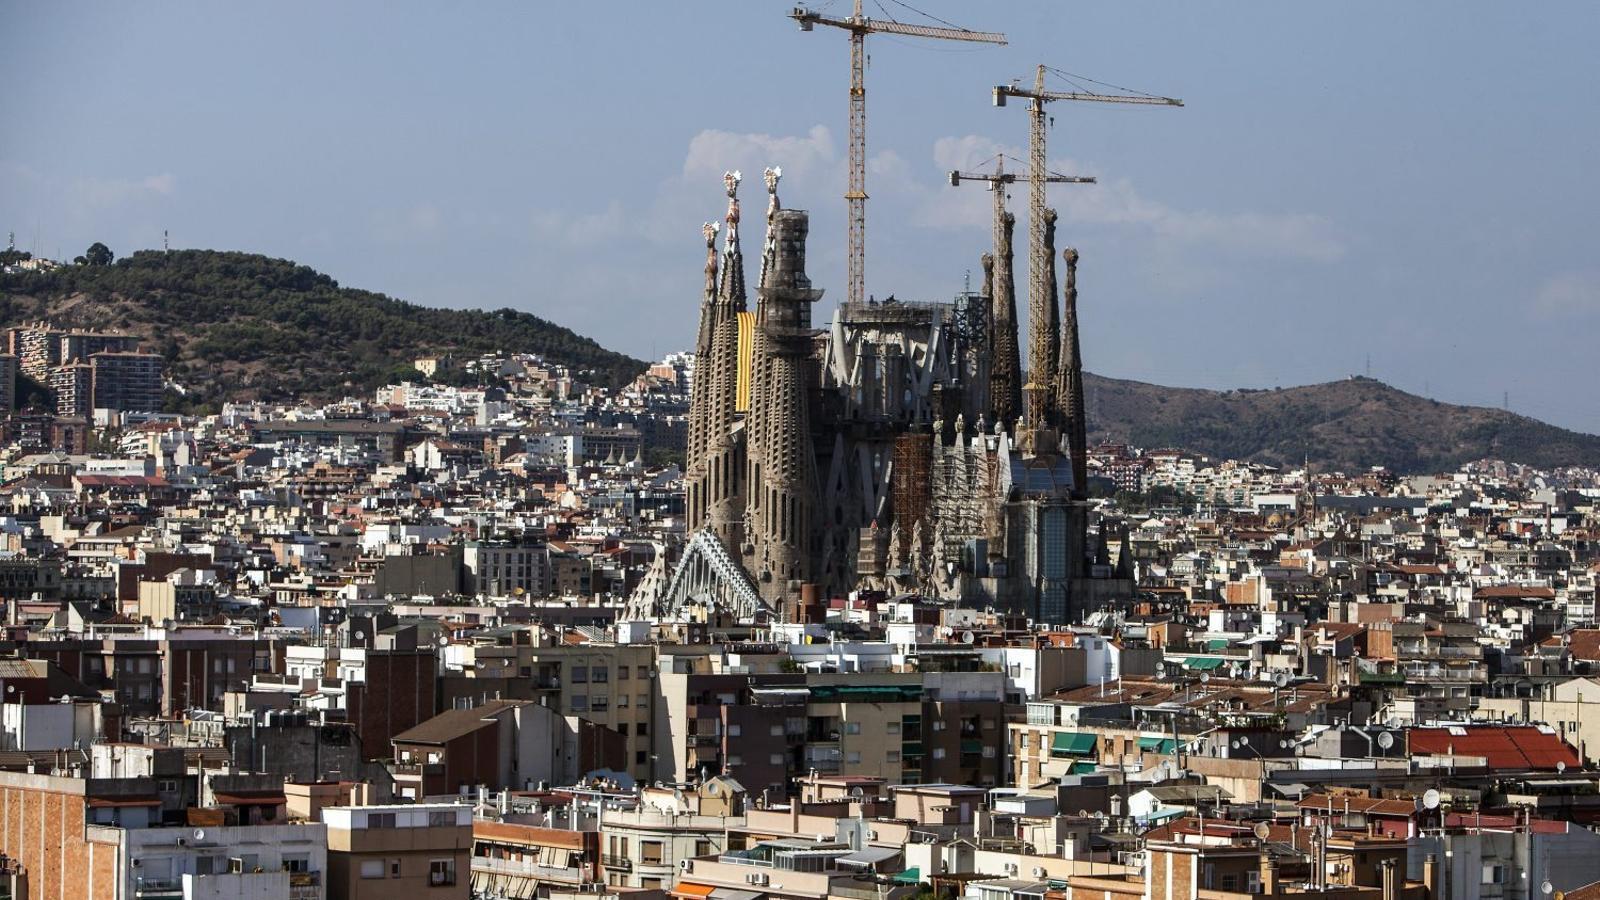 Denúncia dels veïns  a la Sagrada Família